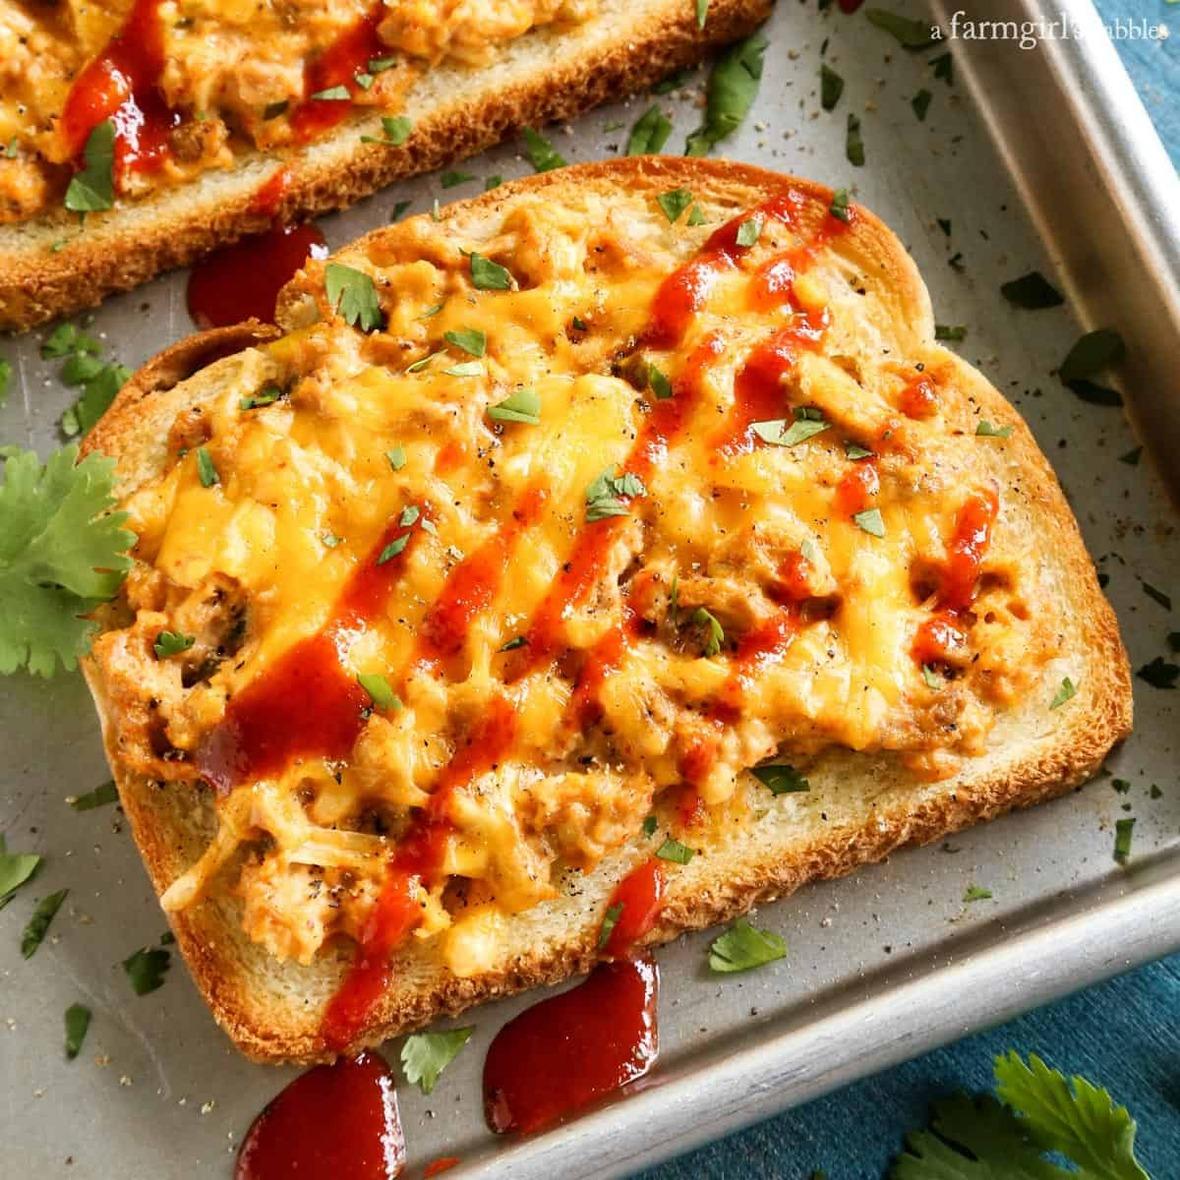 Cheesy-Sriracha-Tuna-Toasts AFarmgirlsDabbles AFD-2 sq